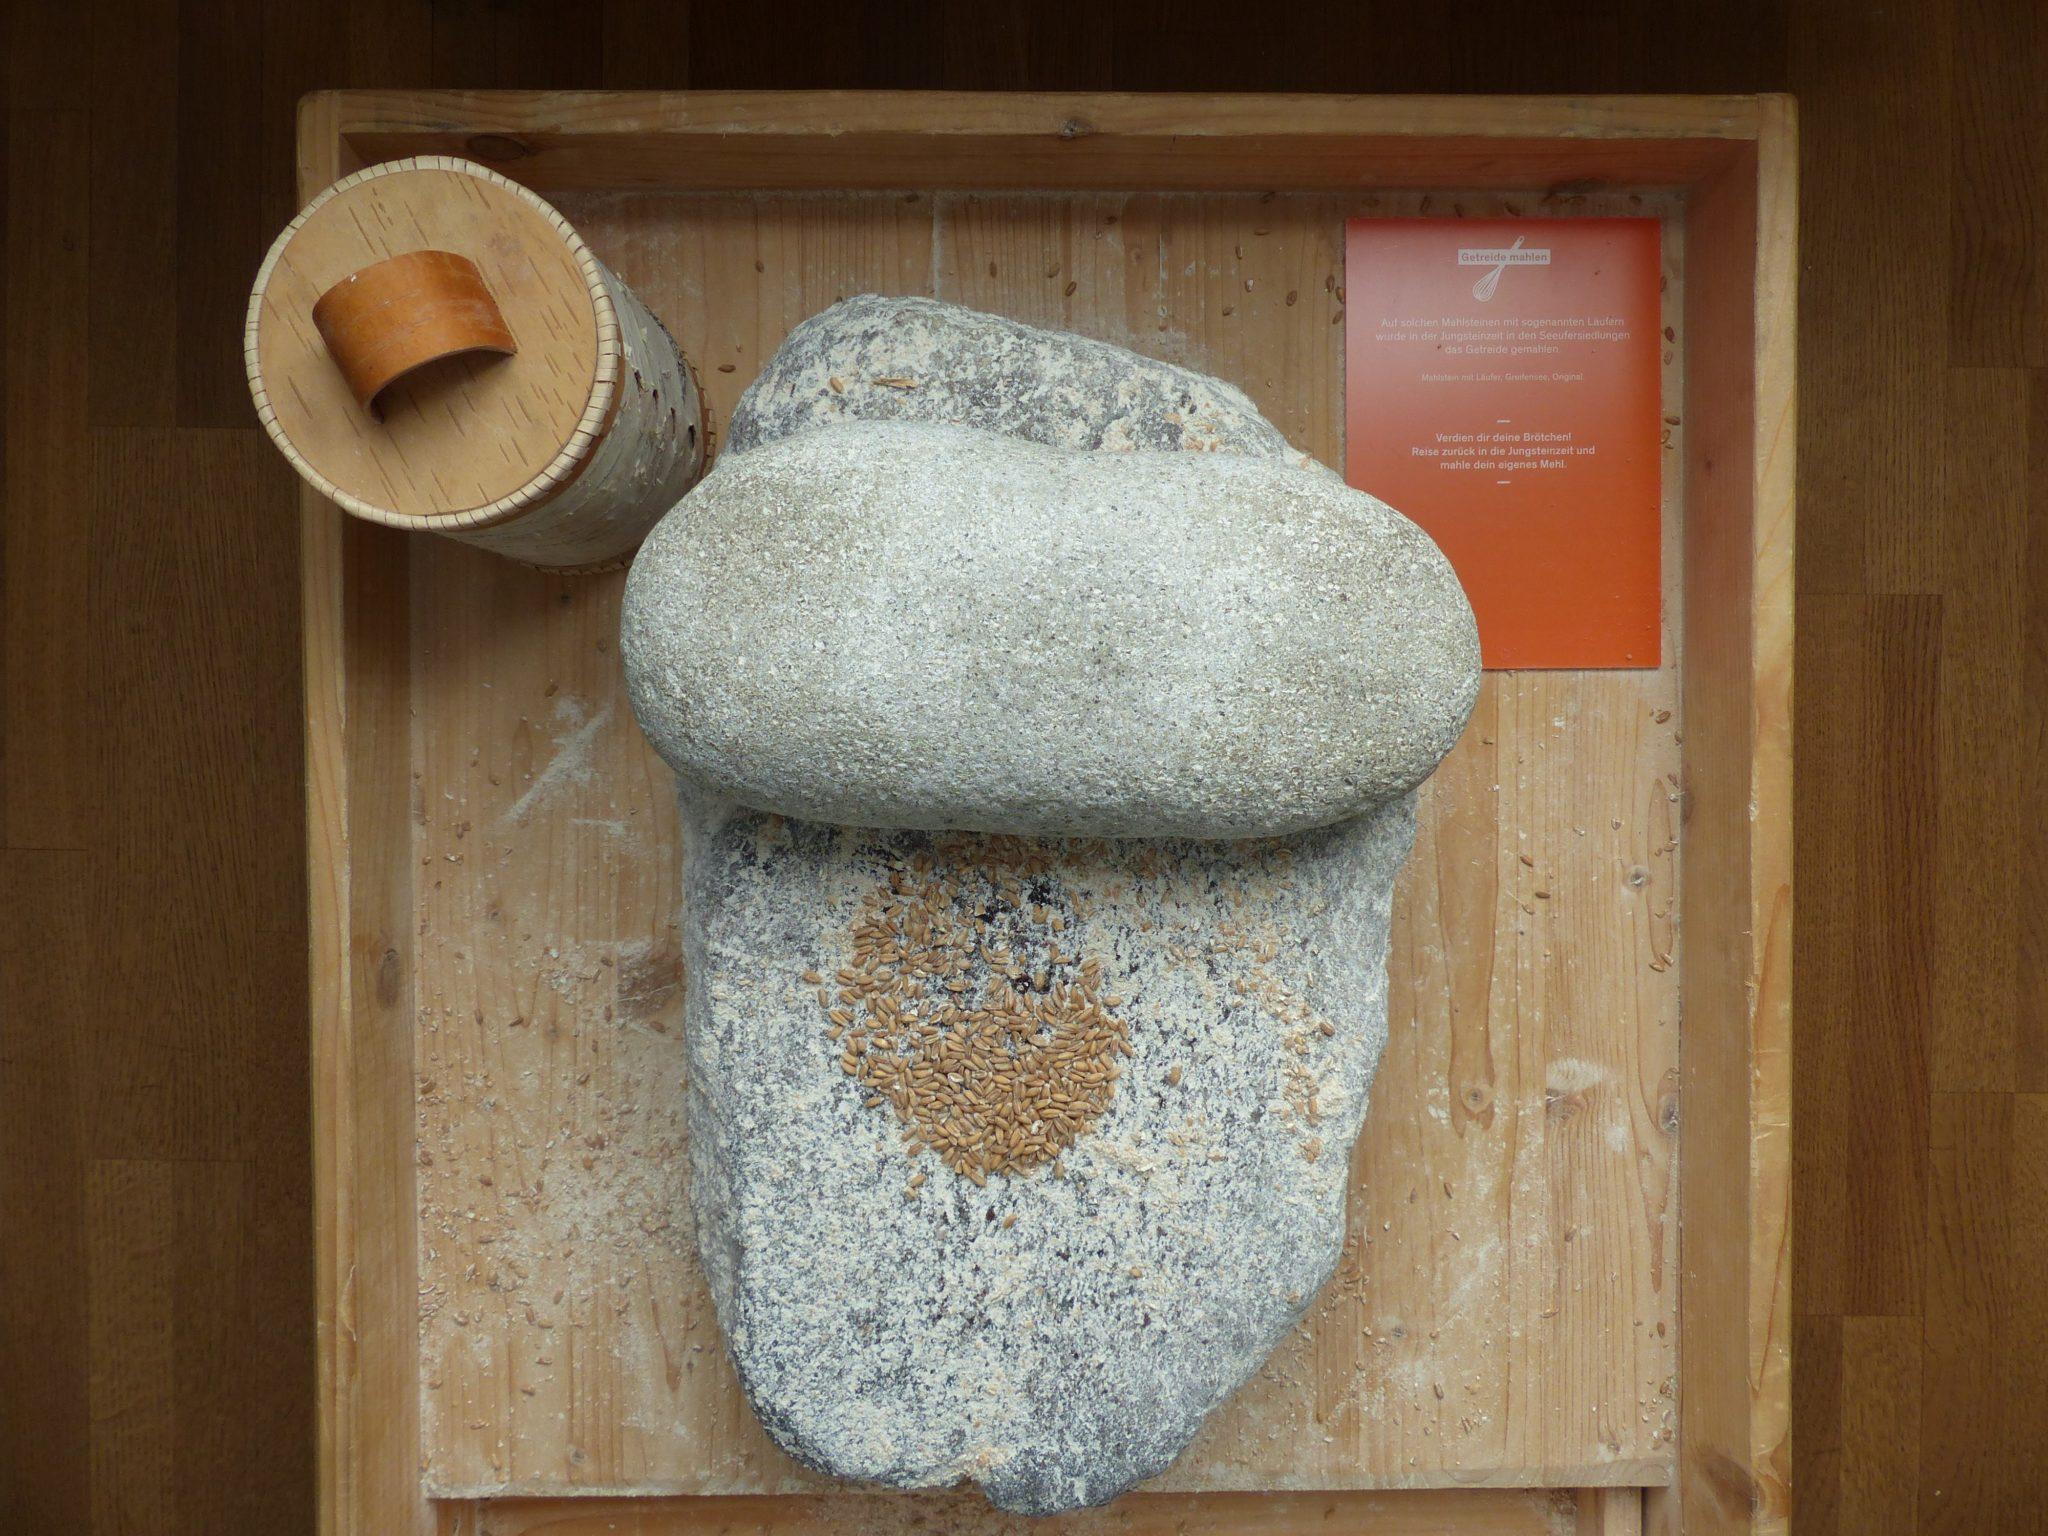 Wie lange es wohl dauert, genug Mehl für ein Fladenbrot zu mahlen? Im Kulturama können Besucher das selbst ausprobieren.